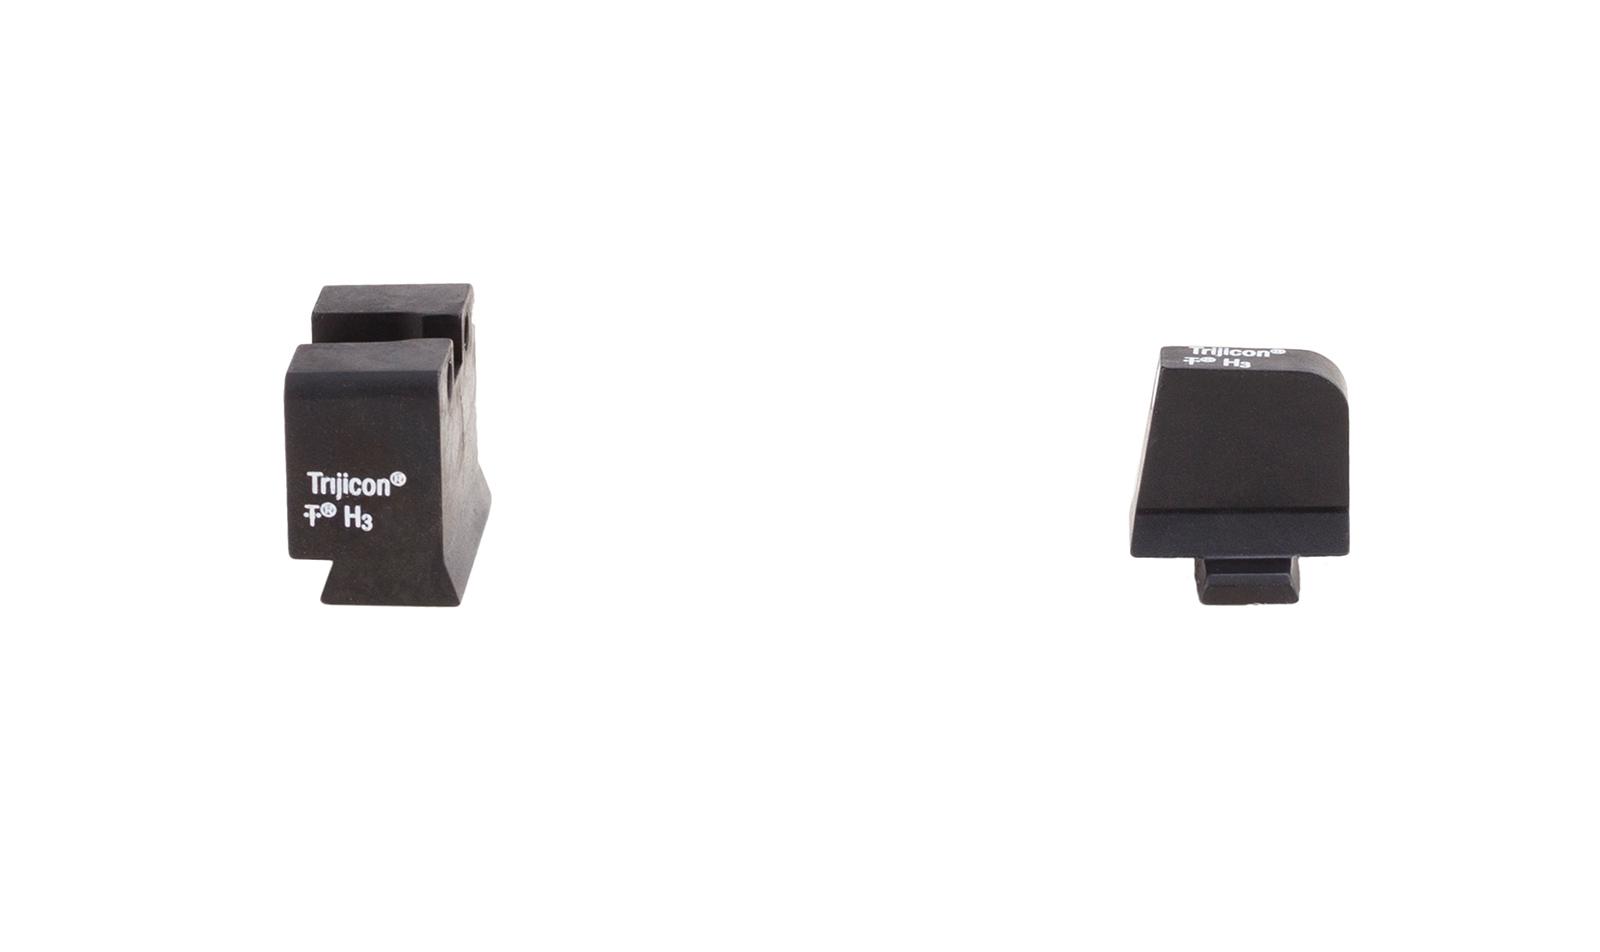 SP201-C-600921 angle 2